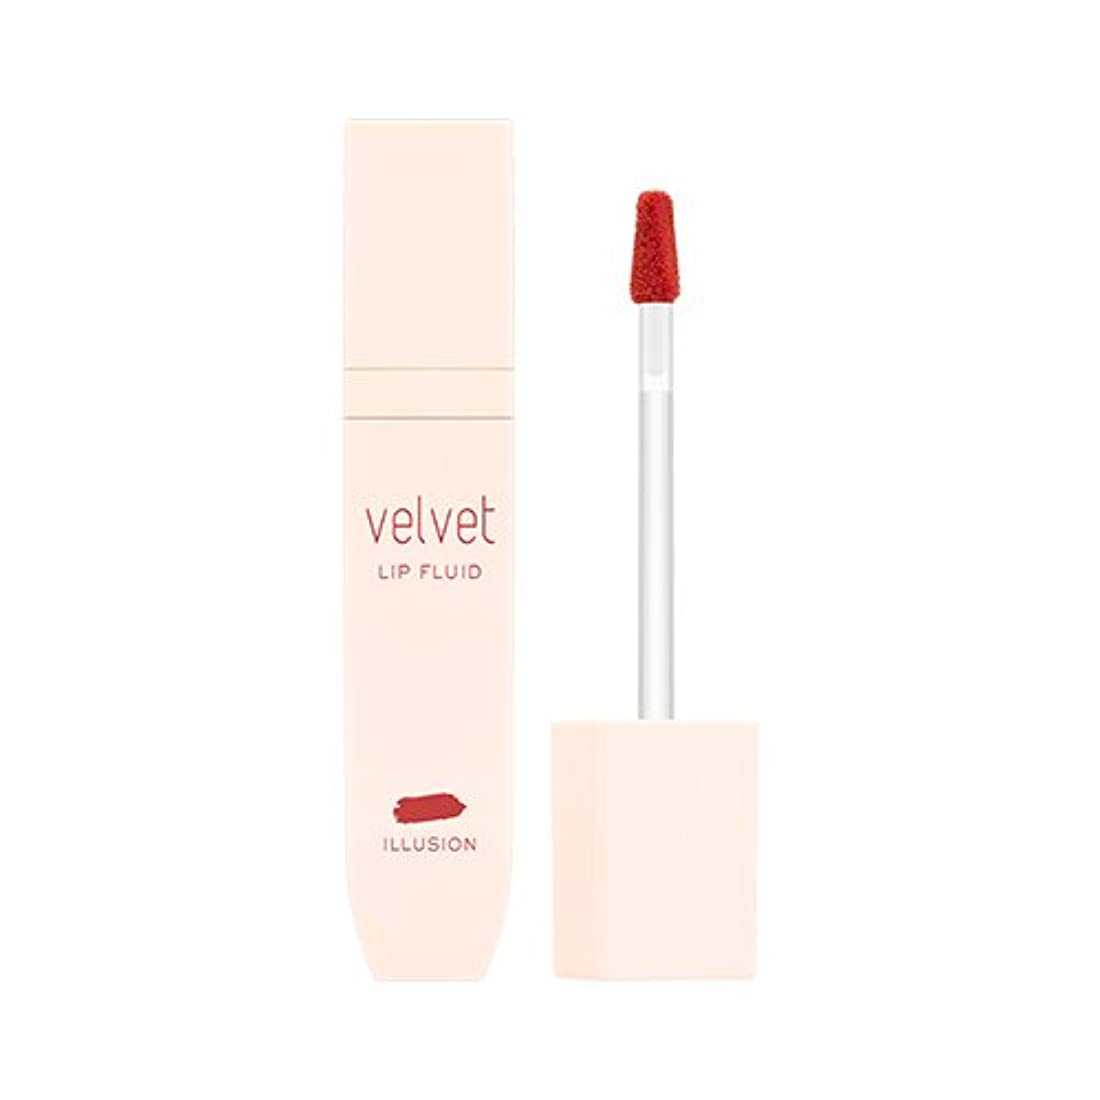 アレキサンダーグラハムベル金銭的眠っているMISSHA Velvet Lip Fluid #Illusion / ミシャ ベルベットリップフルイド #イリュージョン [並行輸入品]